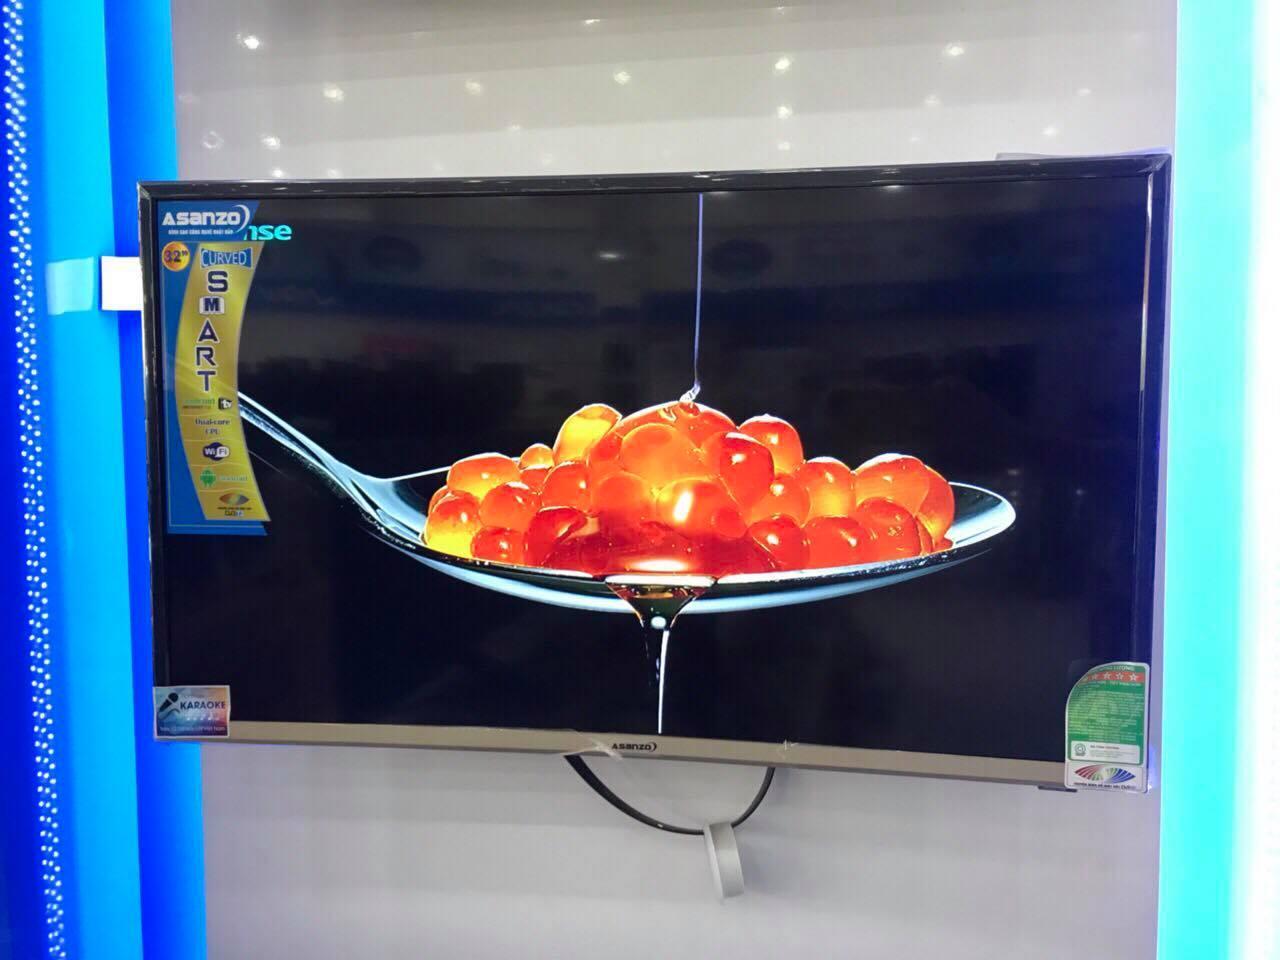 Smart Tivi Asanzo màn hình cong 32 inch HD Voice Search - Model 32CV6600 Tìm kiếm bằng giọng nói, Tích hợp DVB-T2, Wifi